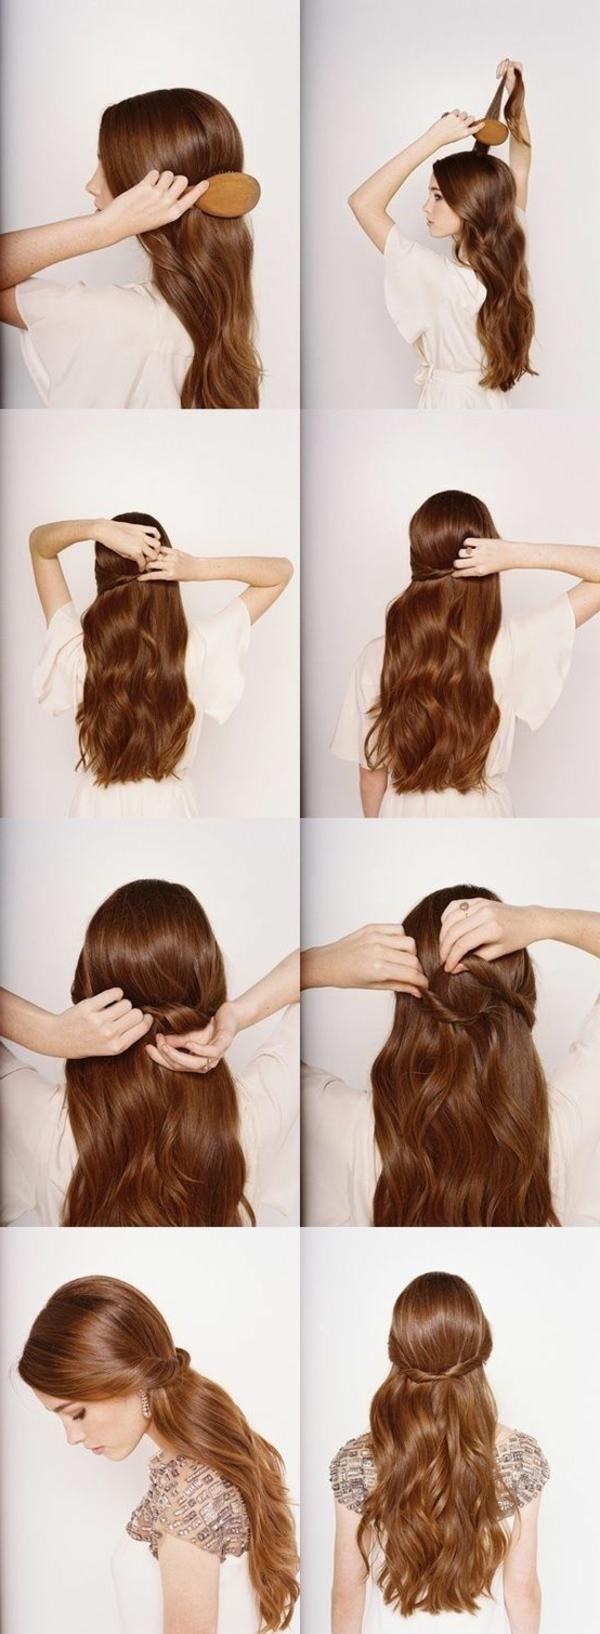 Idée-coiffure-jolie-cheveux-longs-boucles